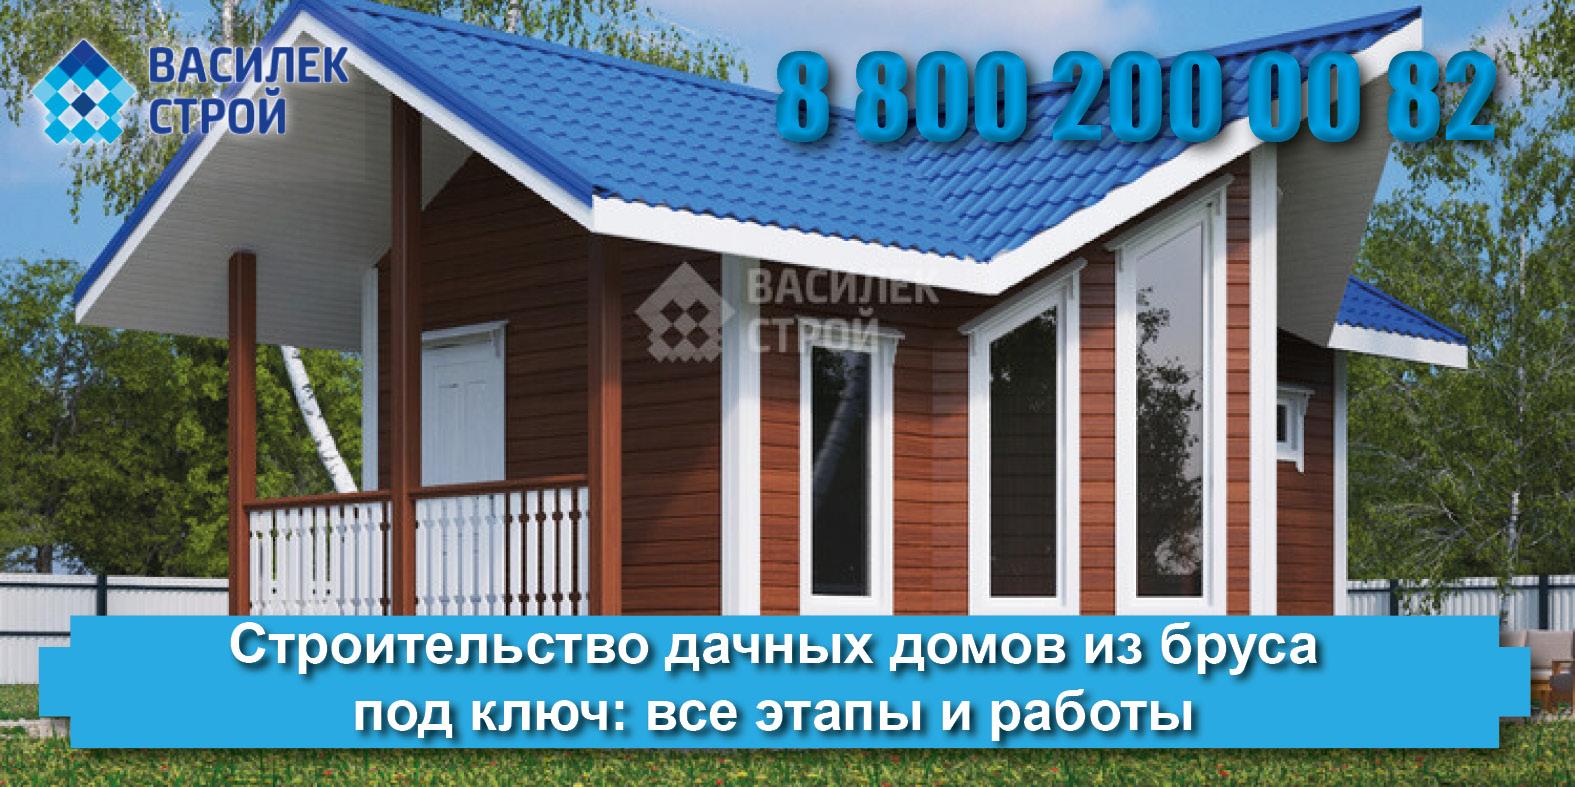 Недорогое строительство дачных домов из бруса и клееного бруса: цены на дачные дома из профилированного бруса